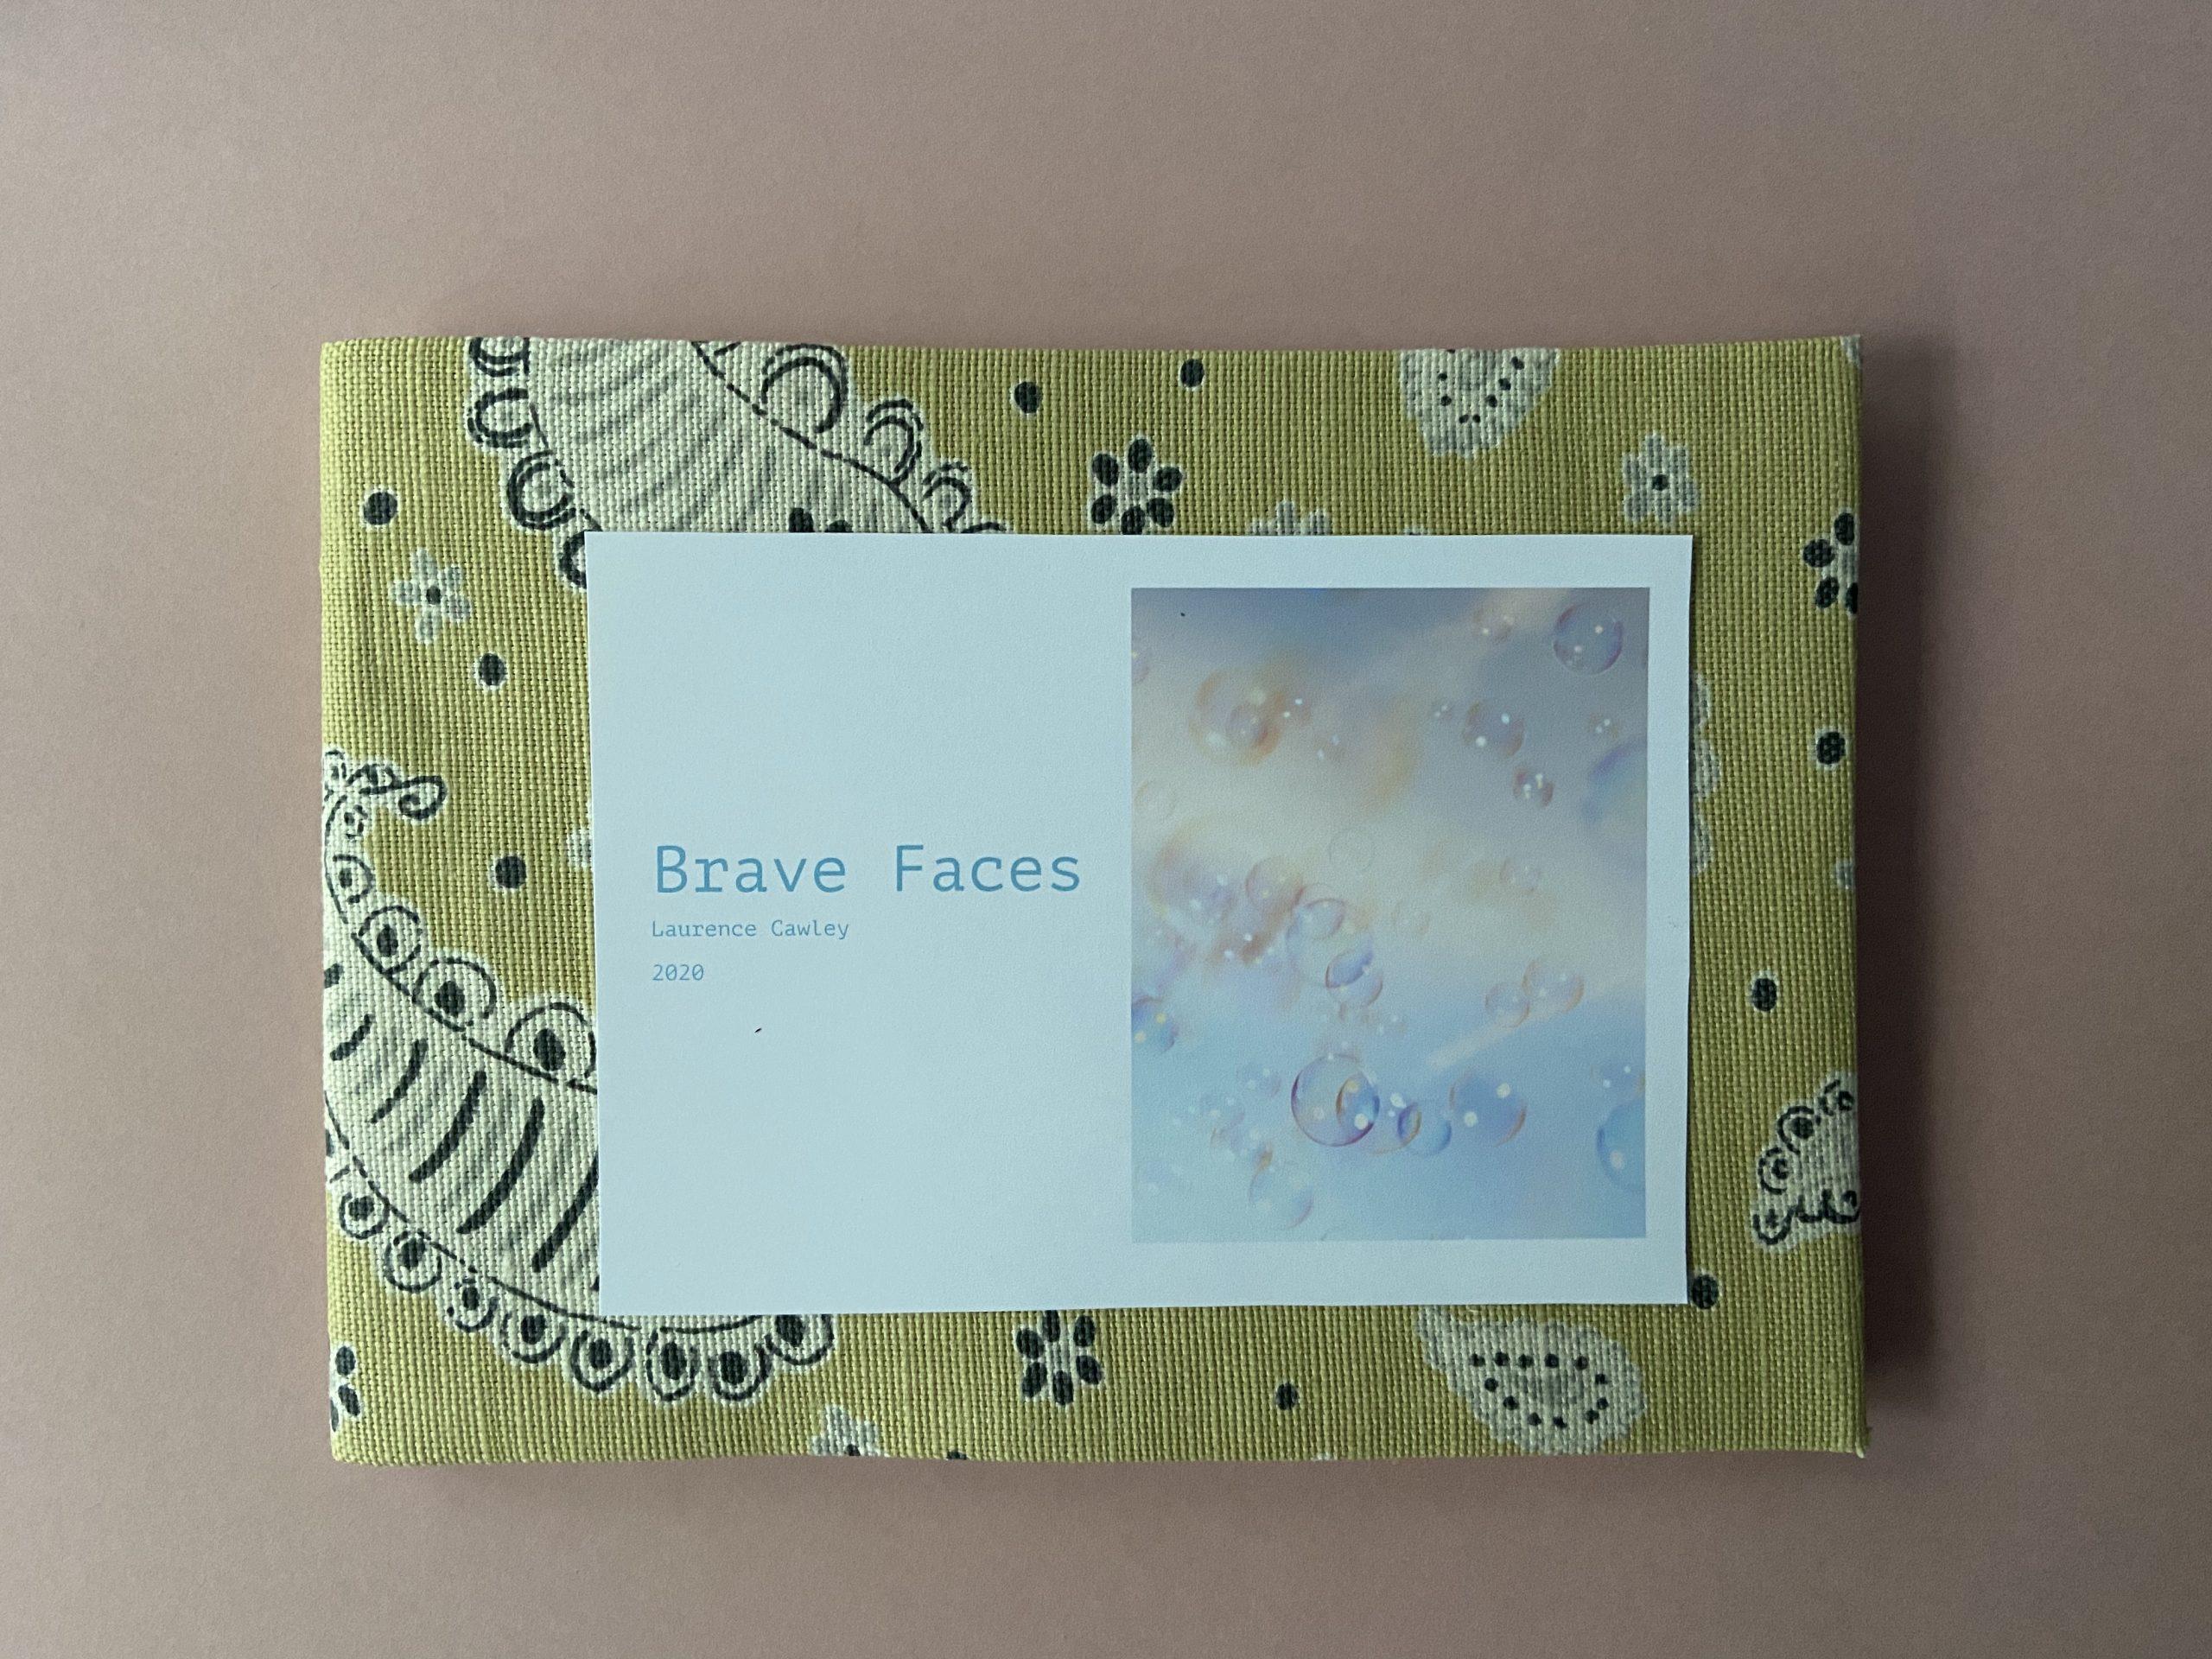 BraveFaces a photobook